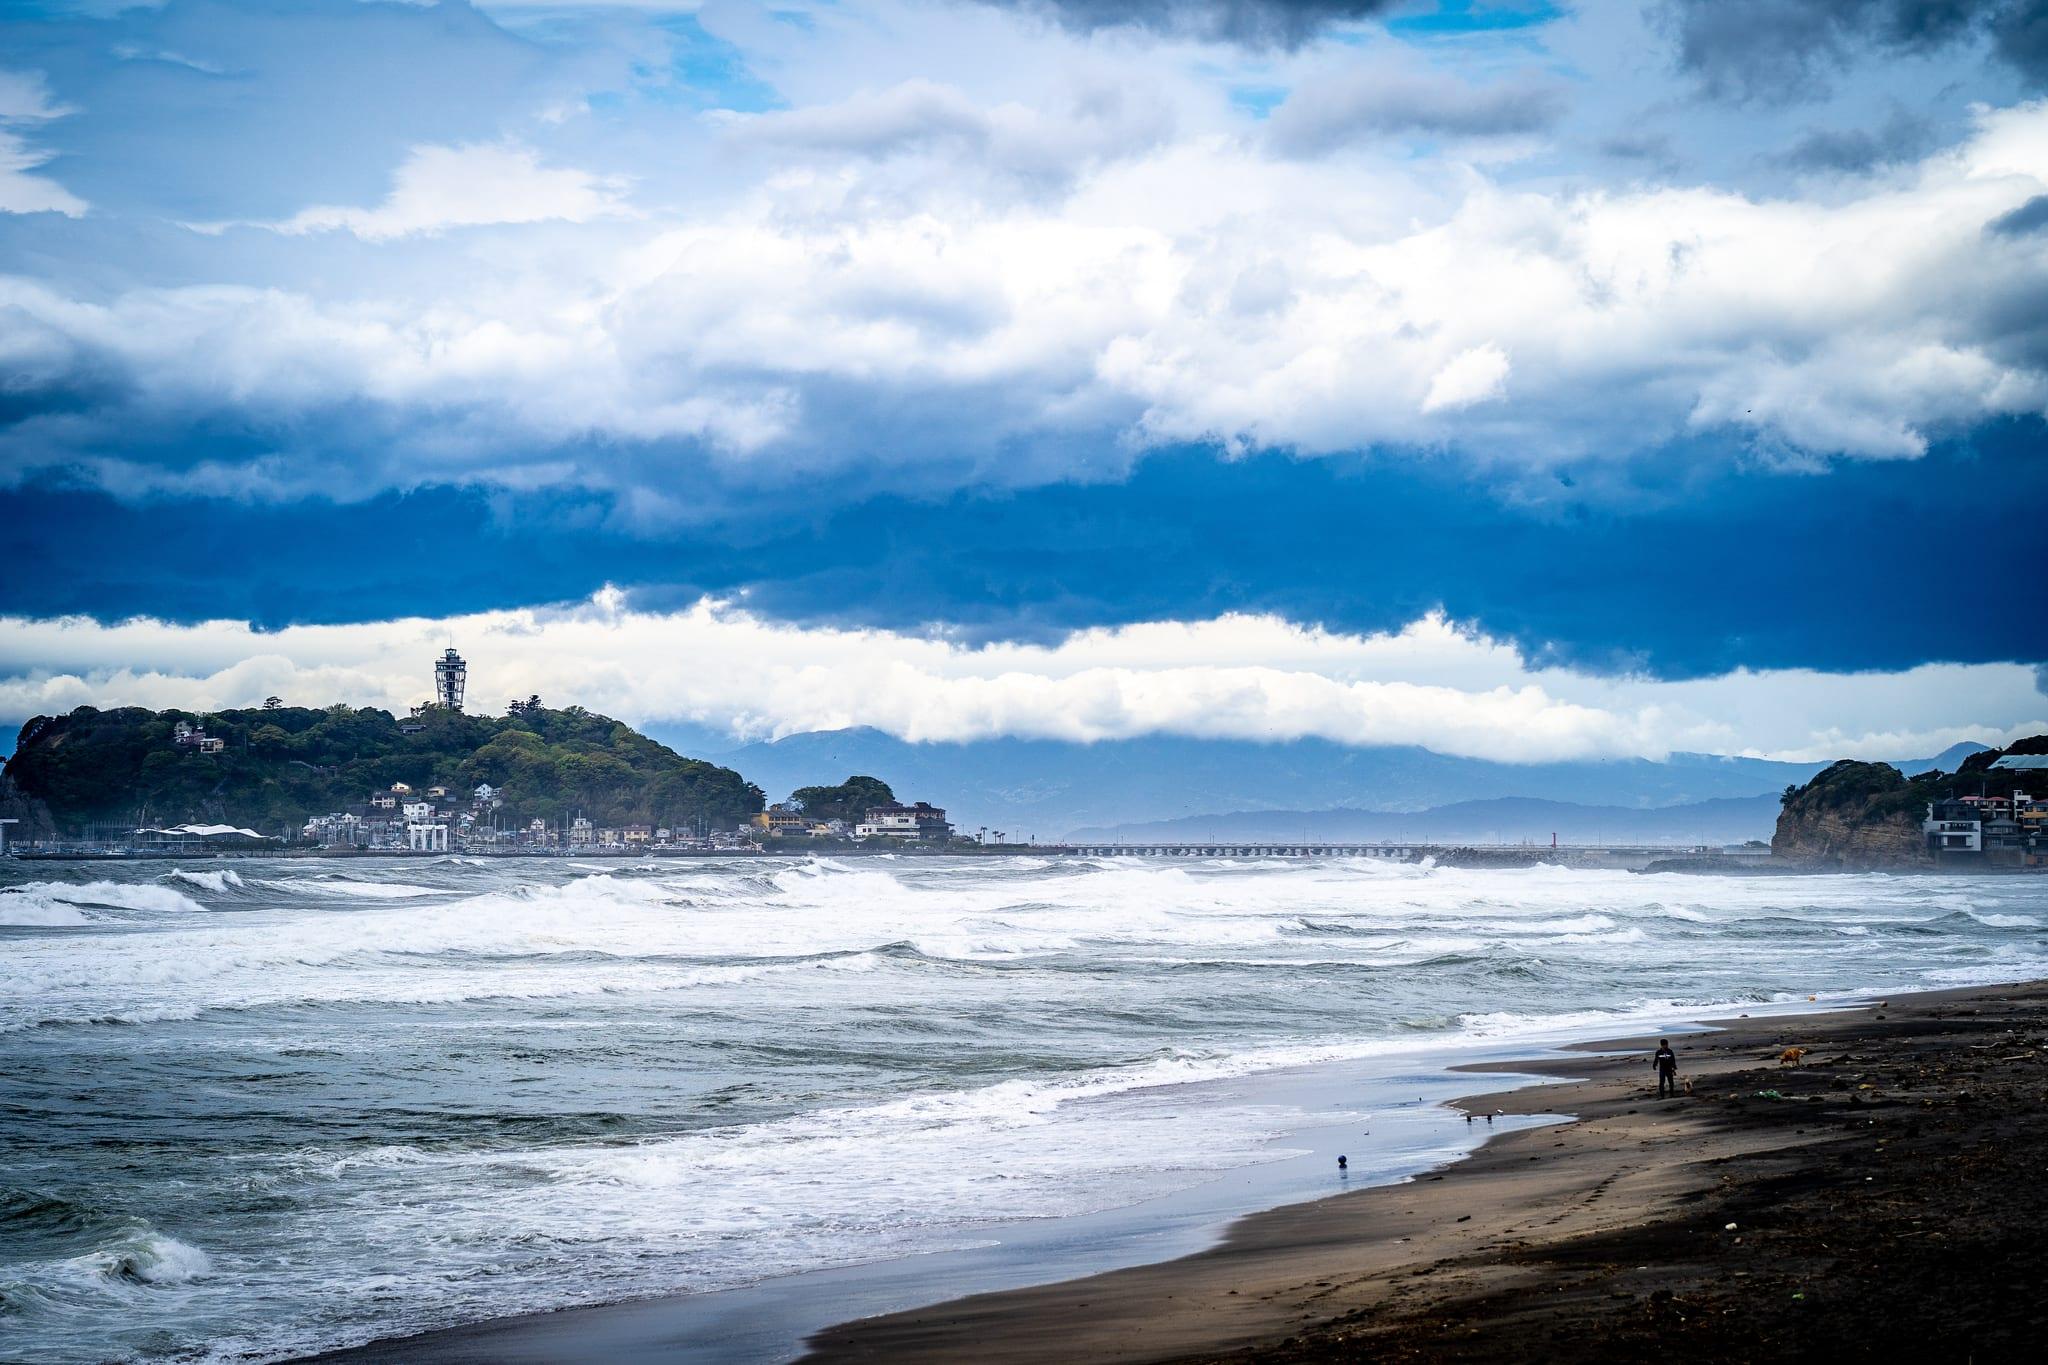 灌籃高手最後一話的景色,景色比對起來是在稻村崎海灣遠眺江之島。圖片來源:flickr@jimy 40 https://ppt.cc/fdQVux